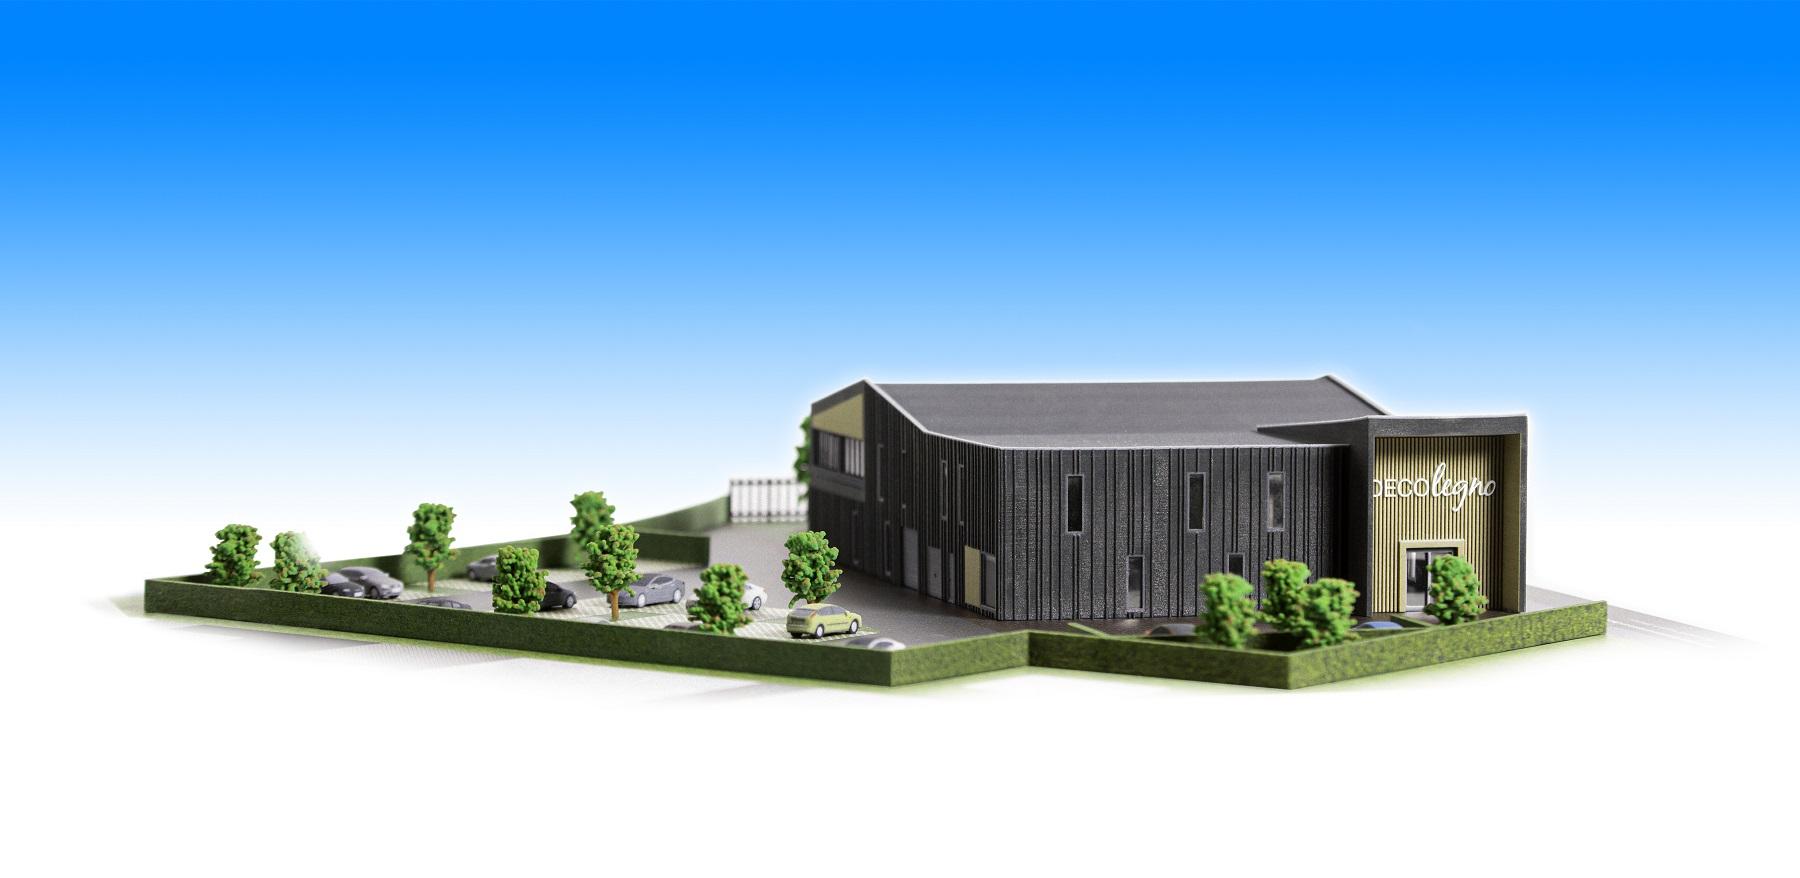 Maquette nieuwe hoofdkantoor